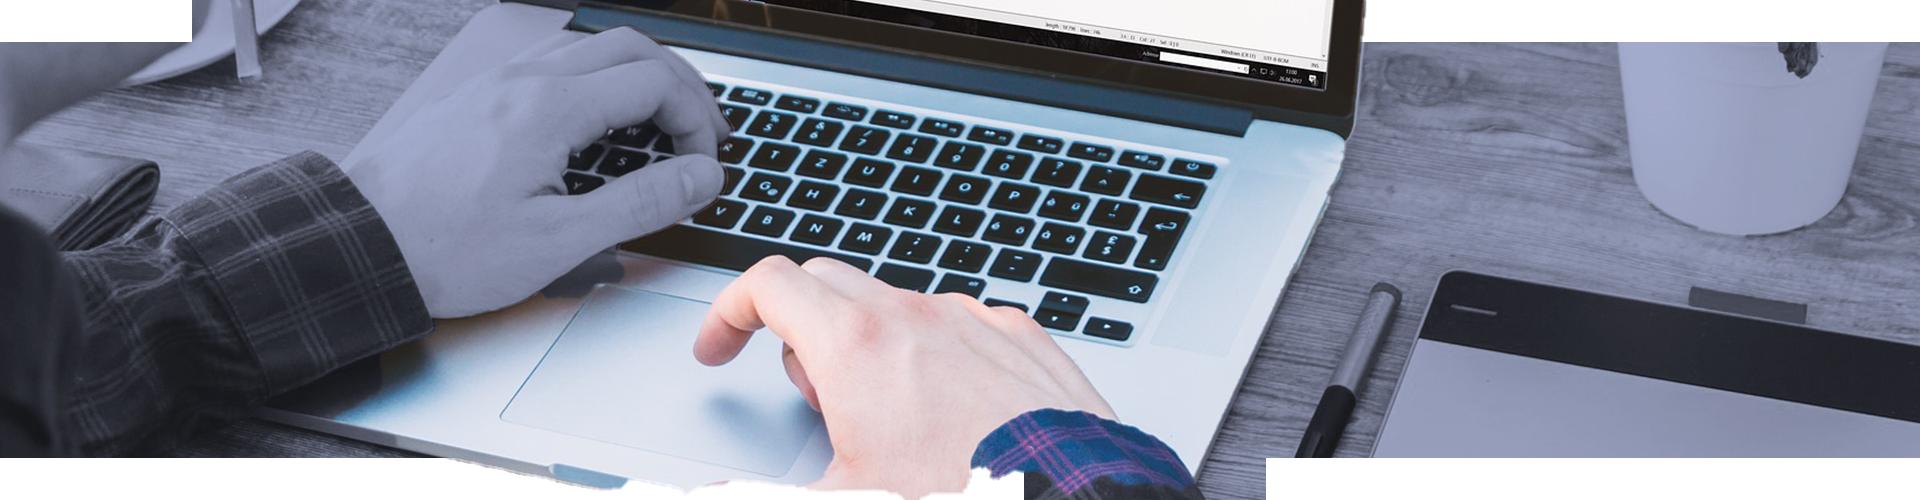 Novedades en teleformación: novedades en la implantación del sistema de gestión de calidad